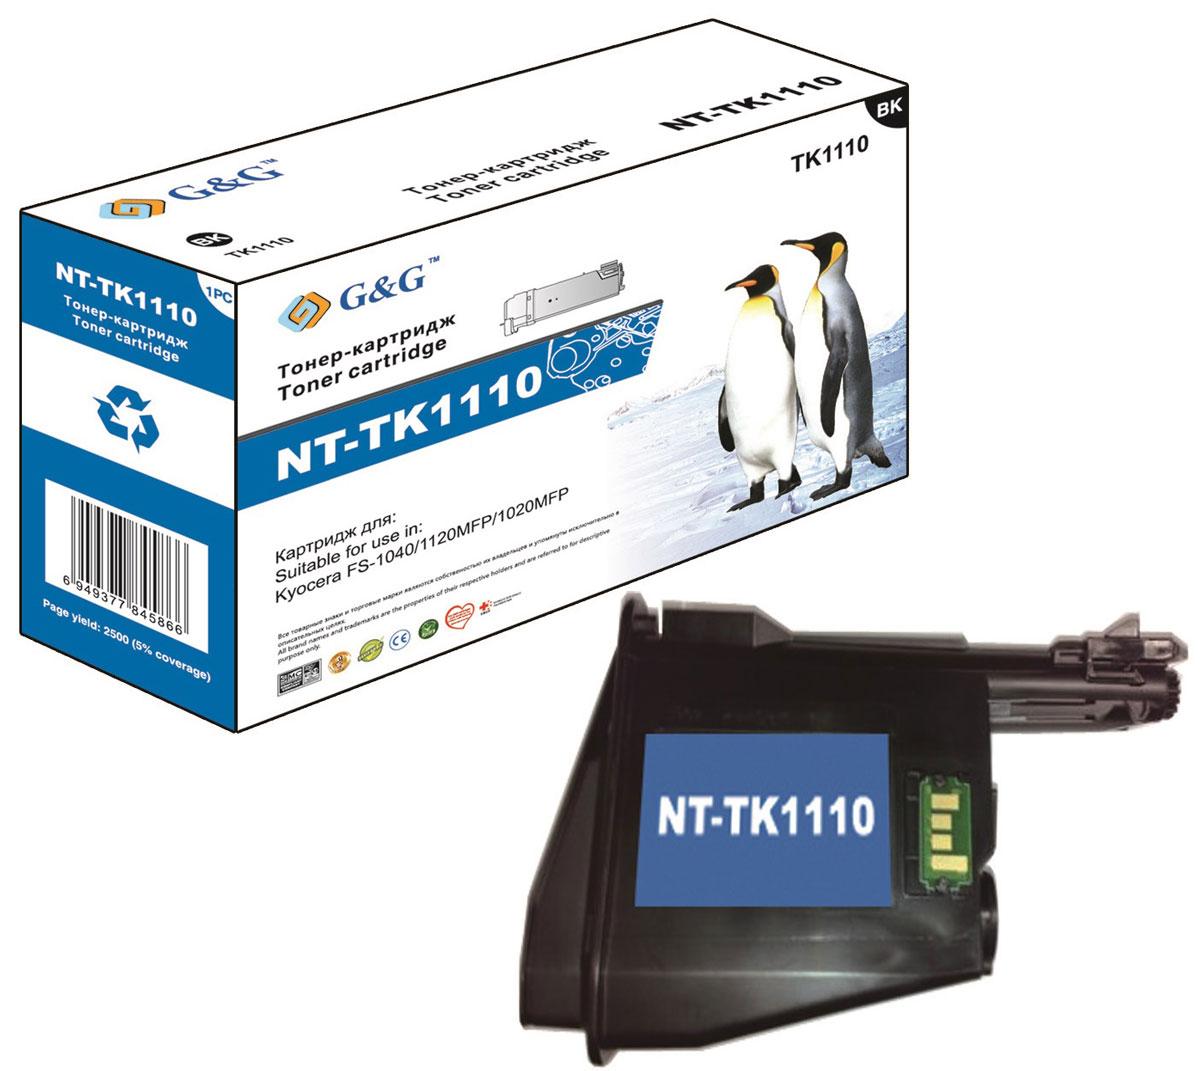 G&G NT-TK1110 тонер-картридж для Kyocera FS-1040/1020MFP/1120MFPNT-TK1110Тонер-картридж G&G NT-TK1110 для лазерных принтеров Kyocera FS-1040/1020MFP/1120MFP.Расходные материалы G&G для лазерной печати максимизируют характеристики принтера. Обеспечивают повышенную чёткость чёрного текста и плавность переходов оттенков серого цвета и полутонов, позволяют отображать мельчайшие детали изображения. Обеспечивают надежное качество печати.